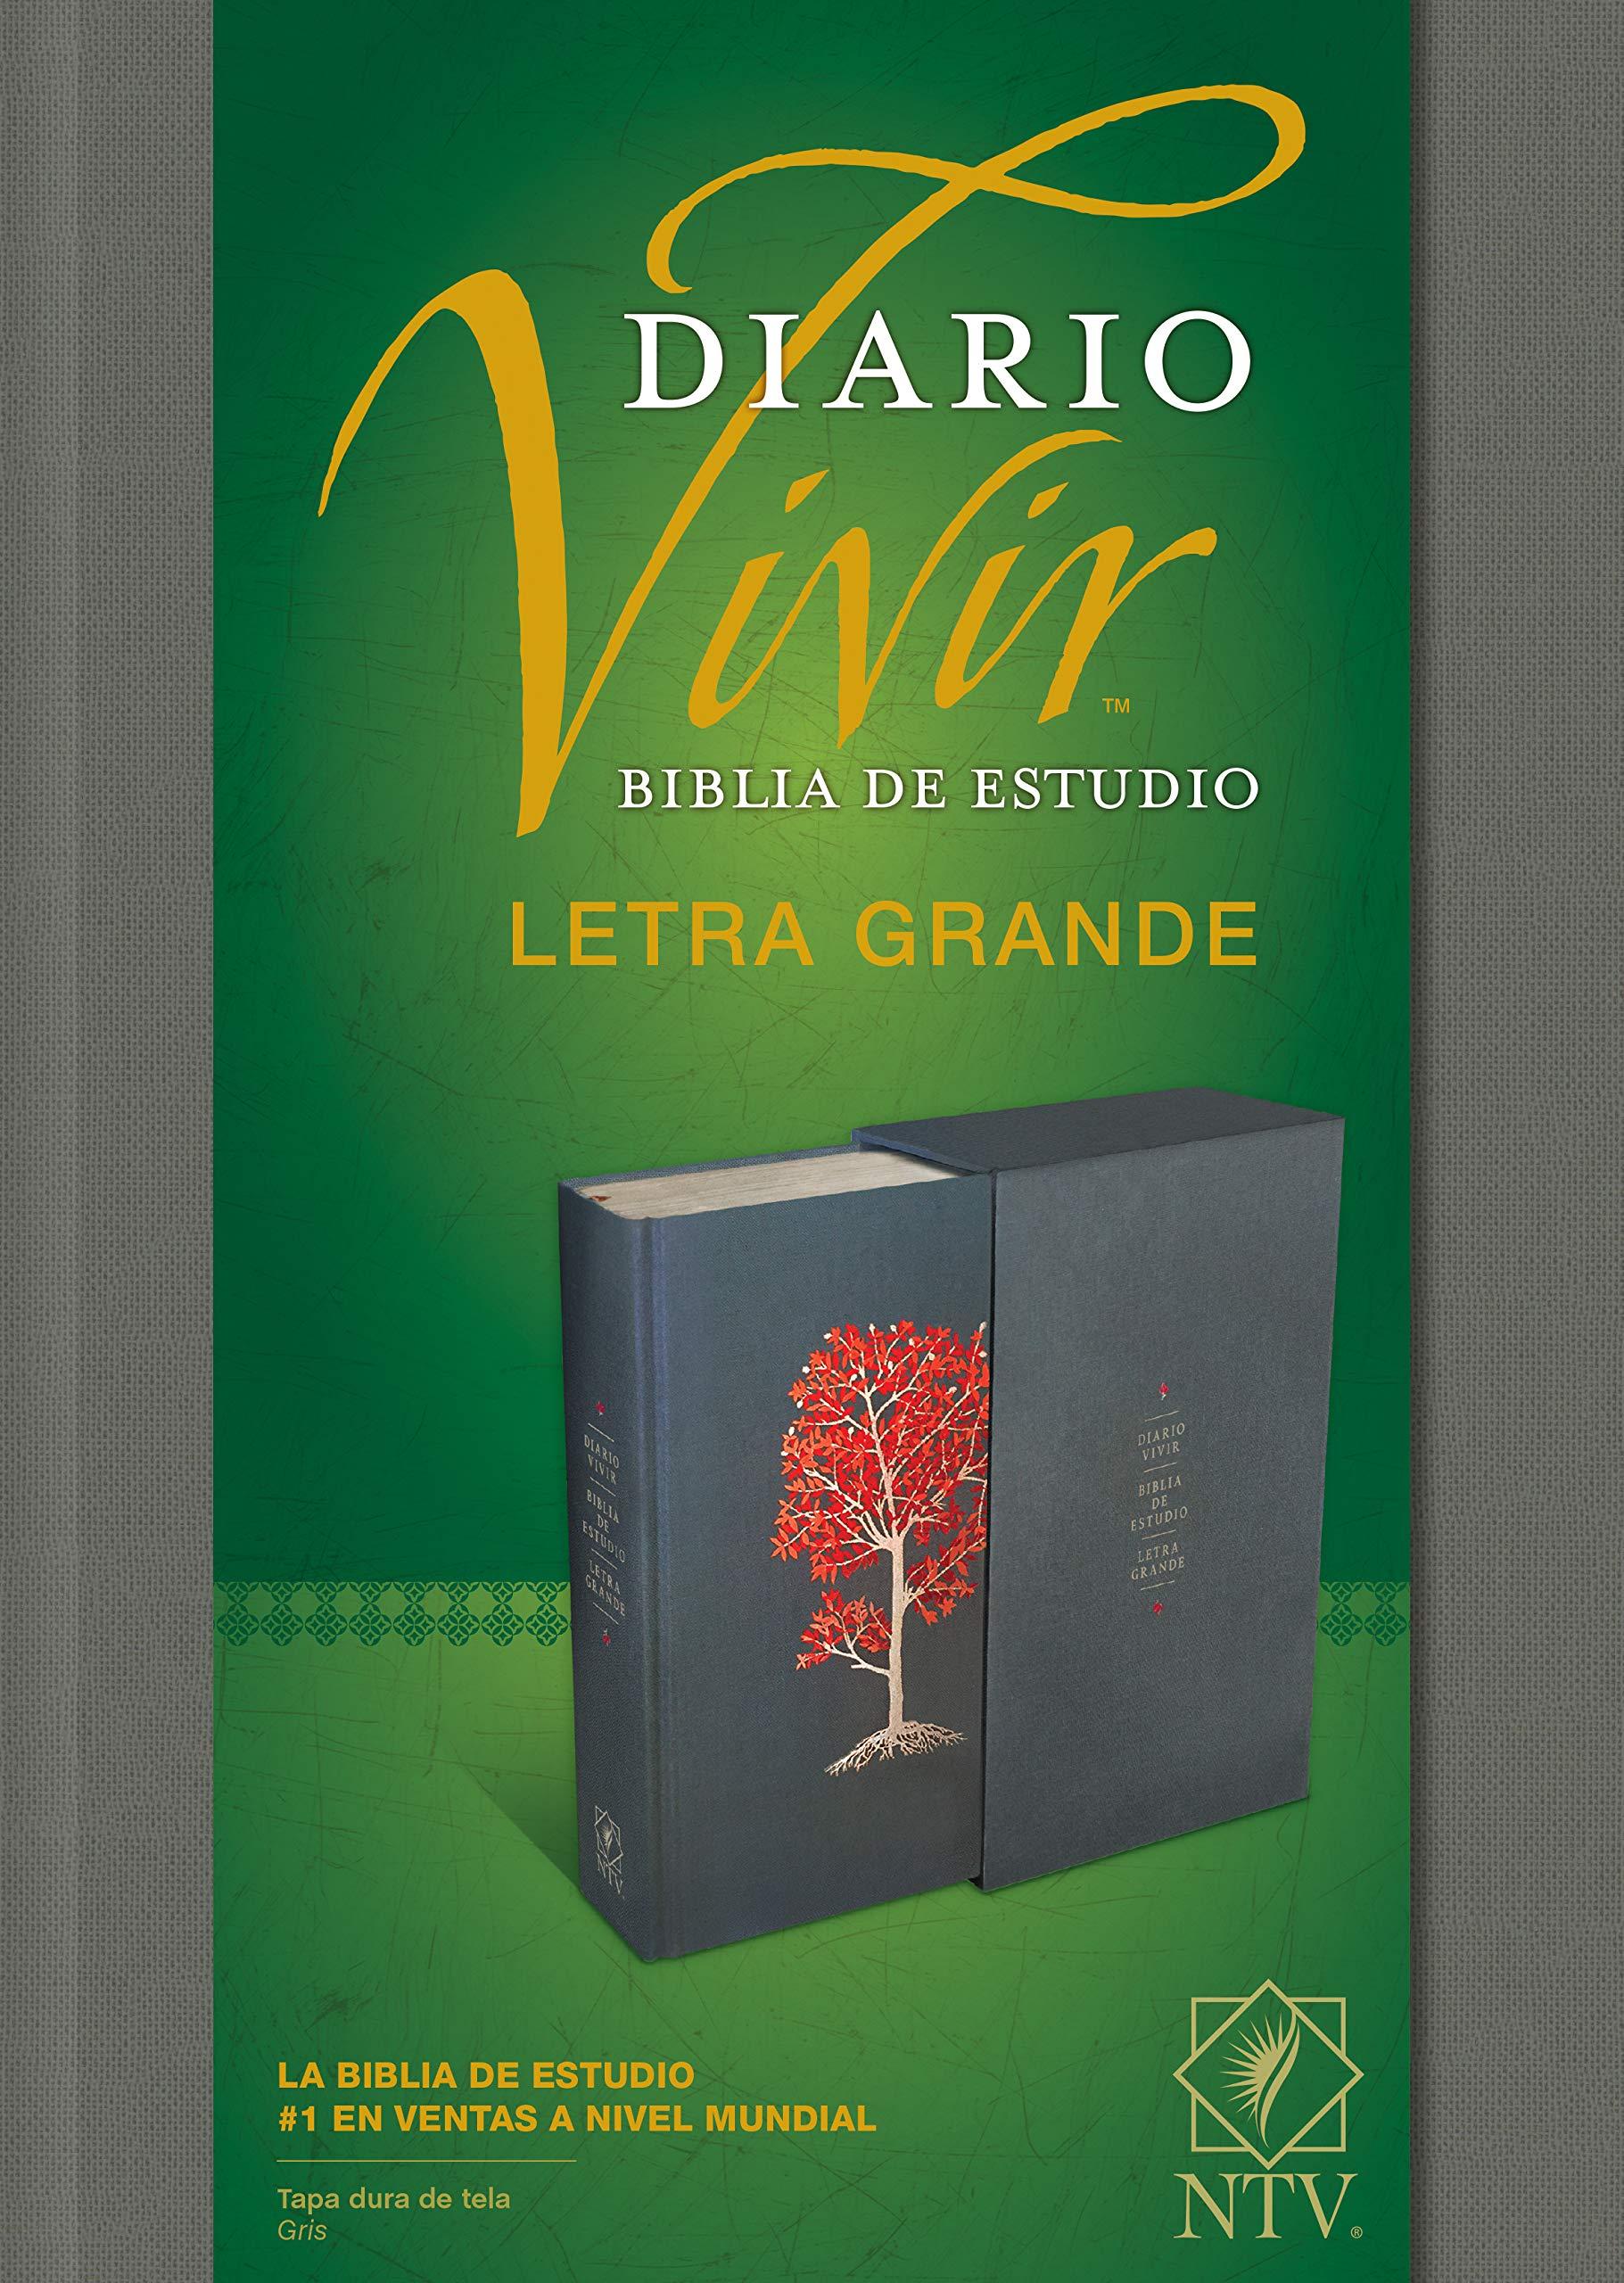 Biblia de Estudio del Diario Vivir Ntv, Letra Grande: Amazon ...